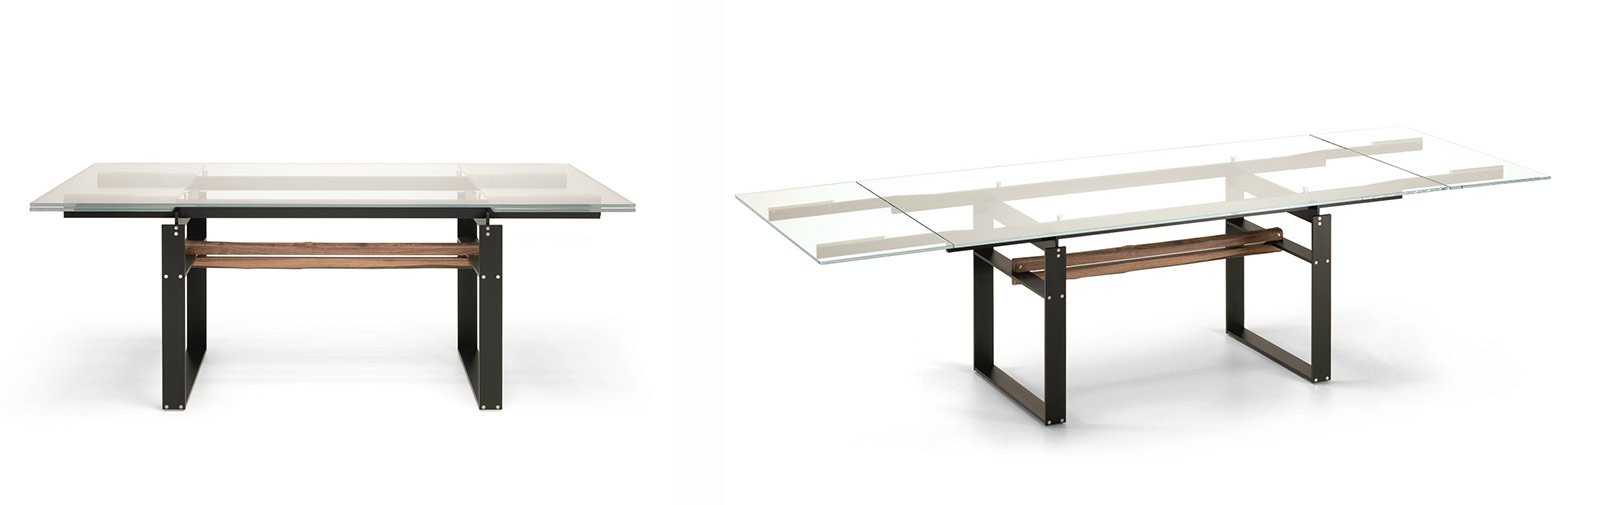 Tavoli allungabili cose di casa for Tavoli allungabili cristallo